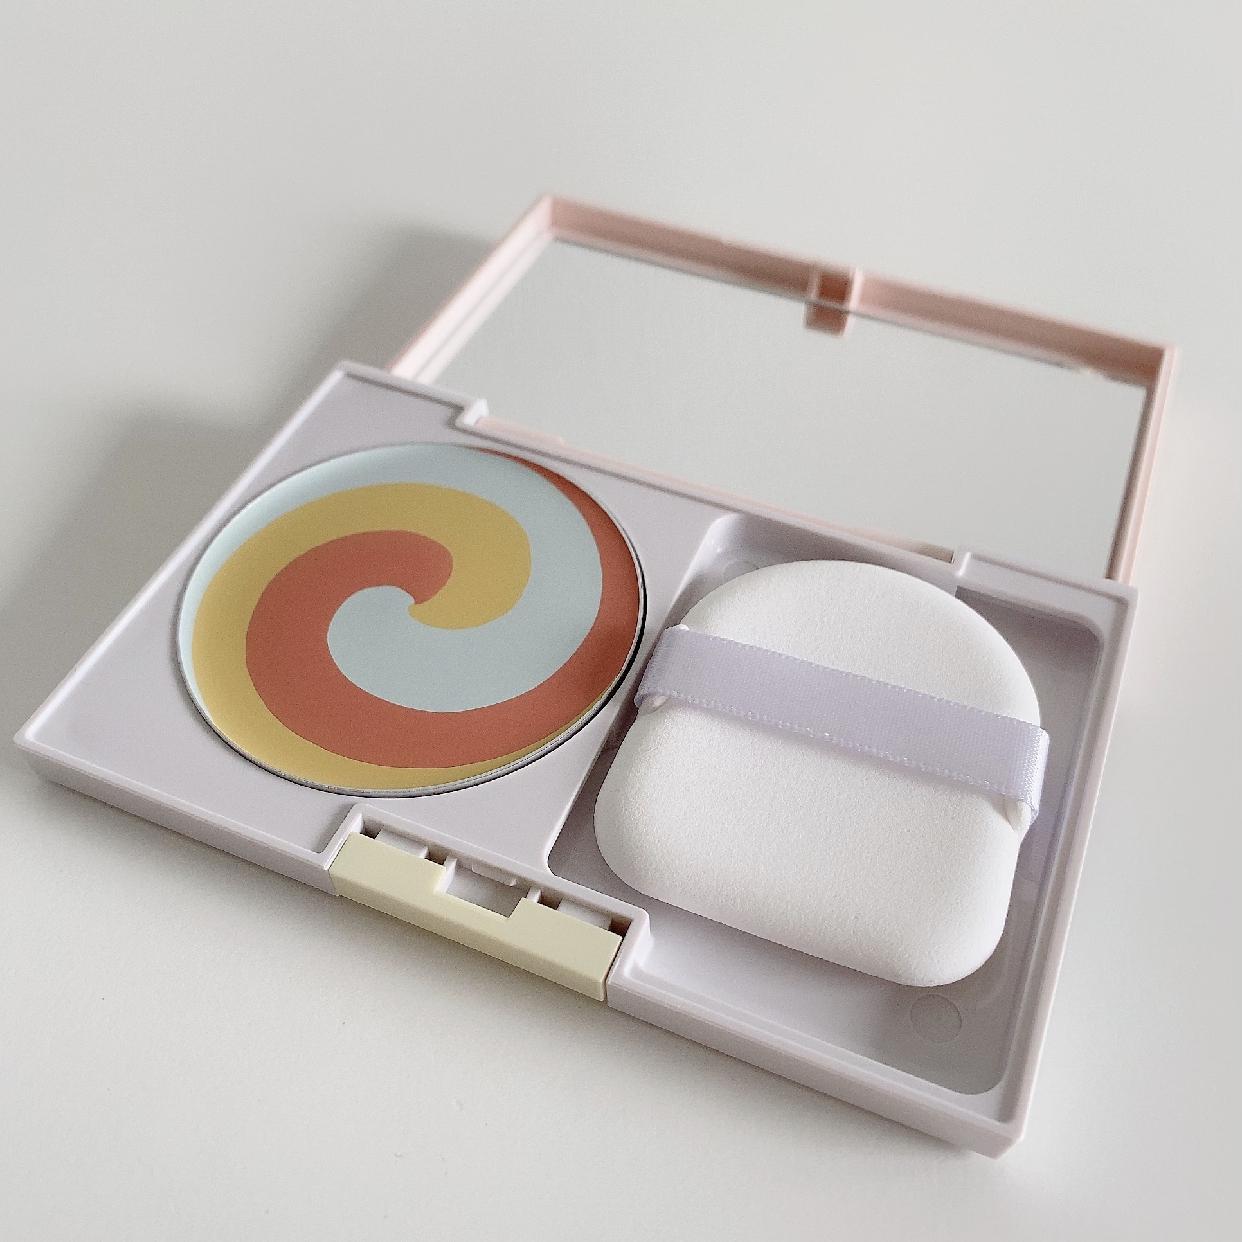 diem couleur(ディエムクルール)カラーブレンドコンシーリングパウダーを使ったスピリチュアルカウンセラーあいさんのクチコミ画像2